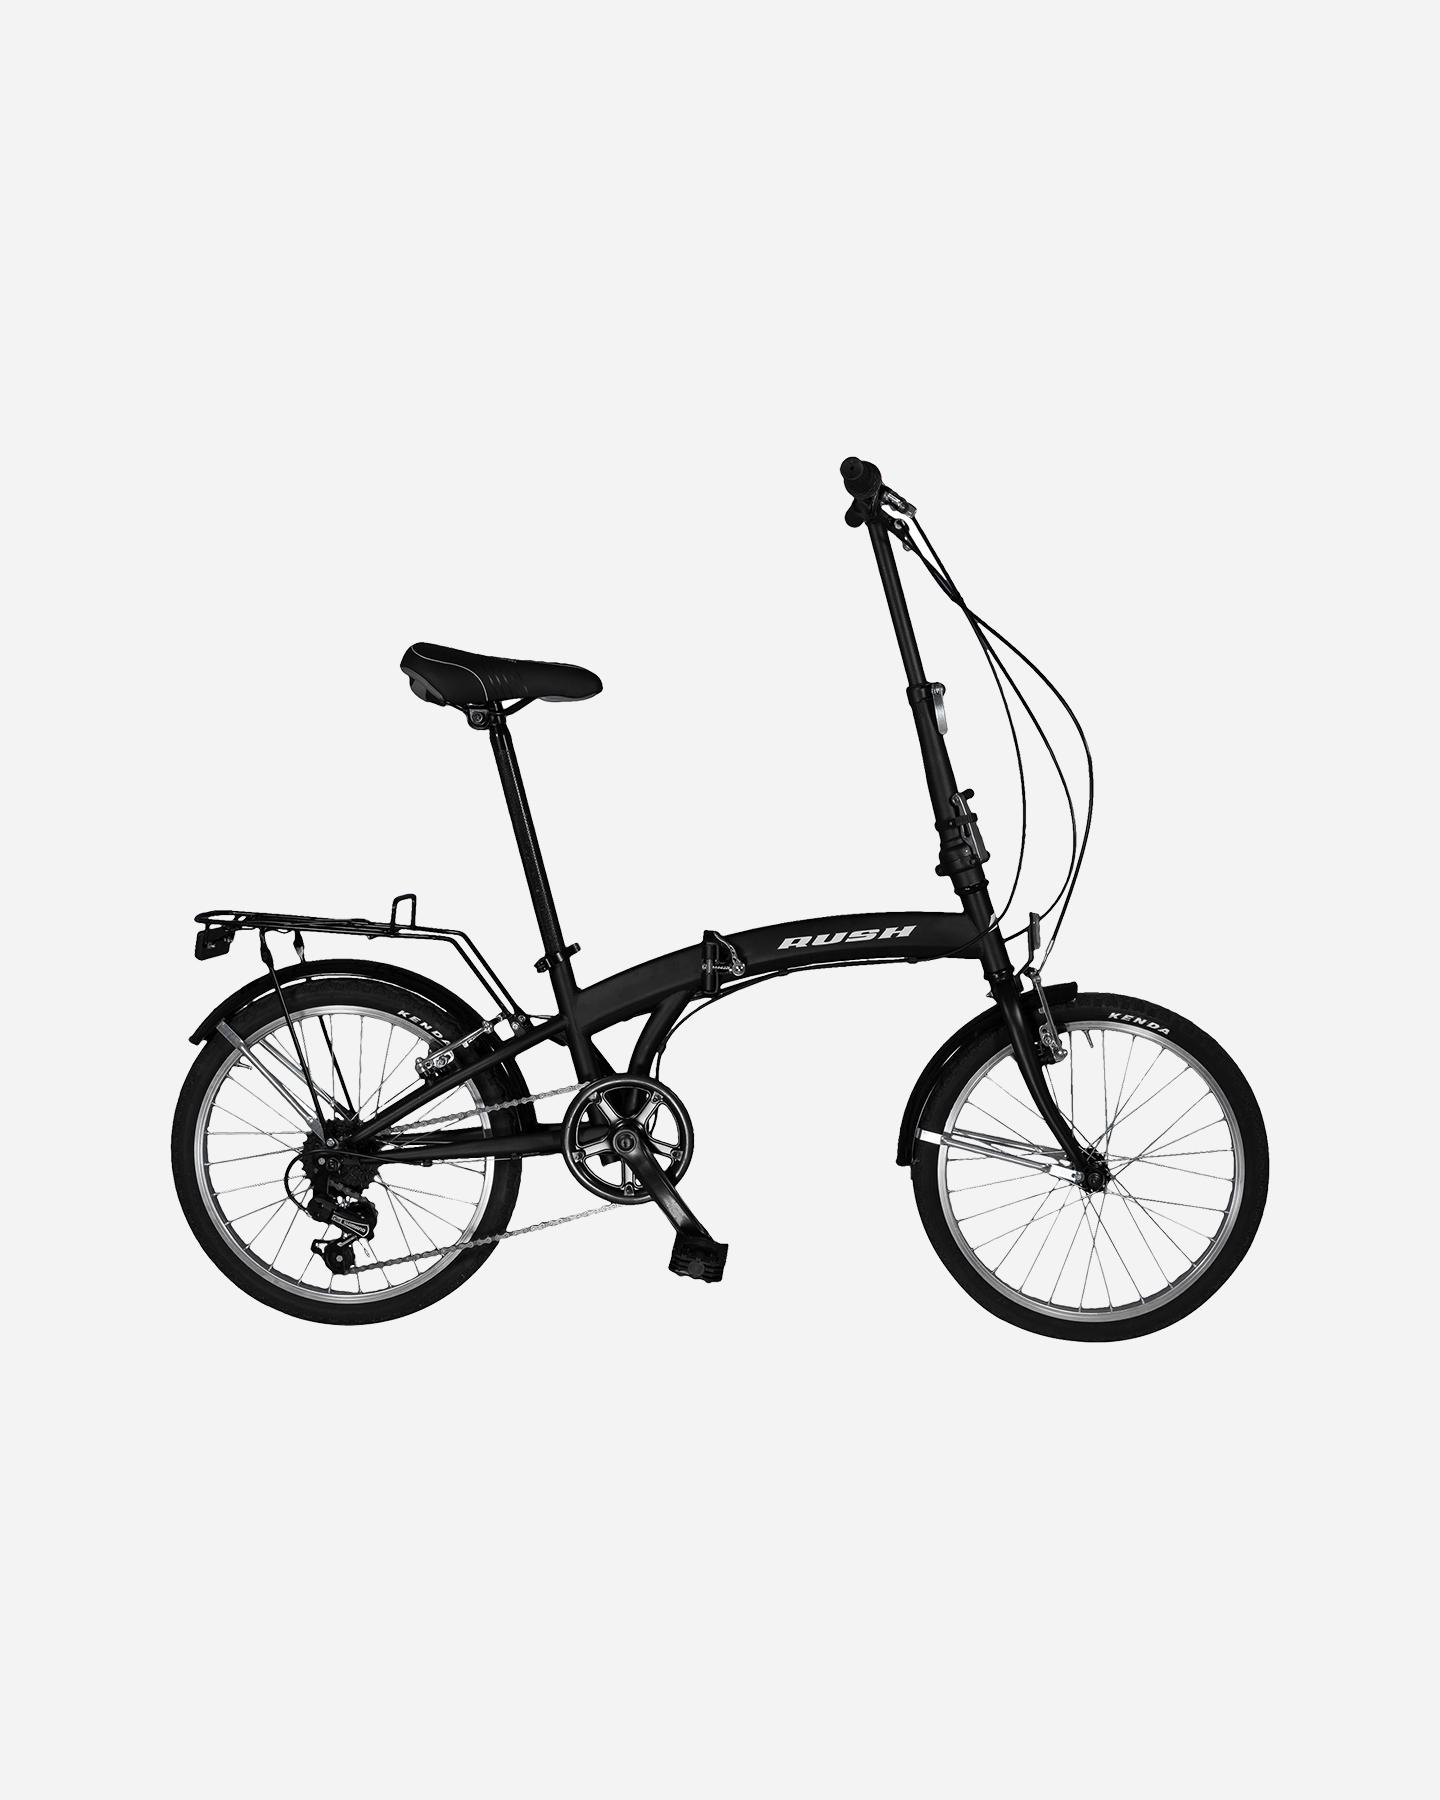 bici hogan uomo